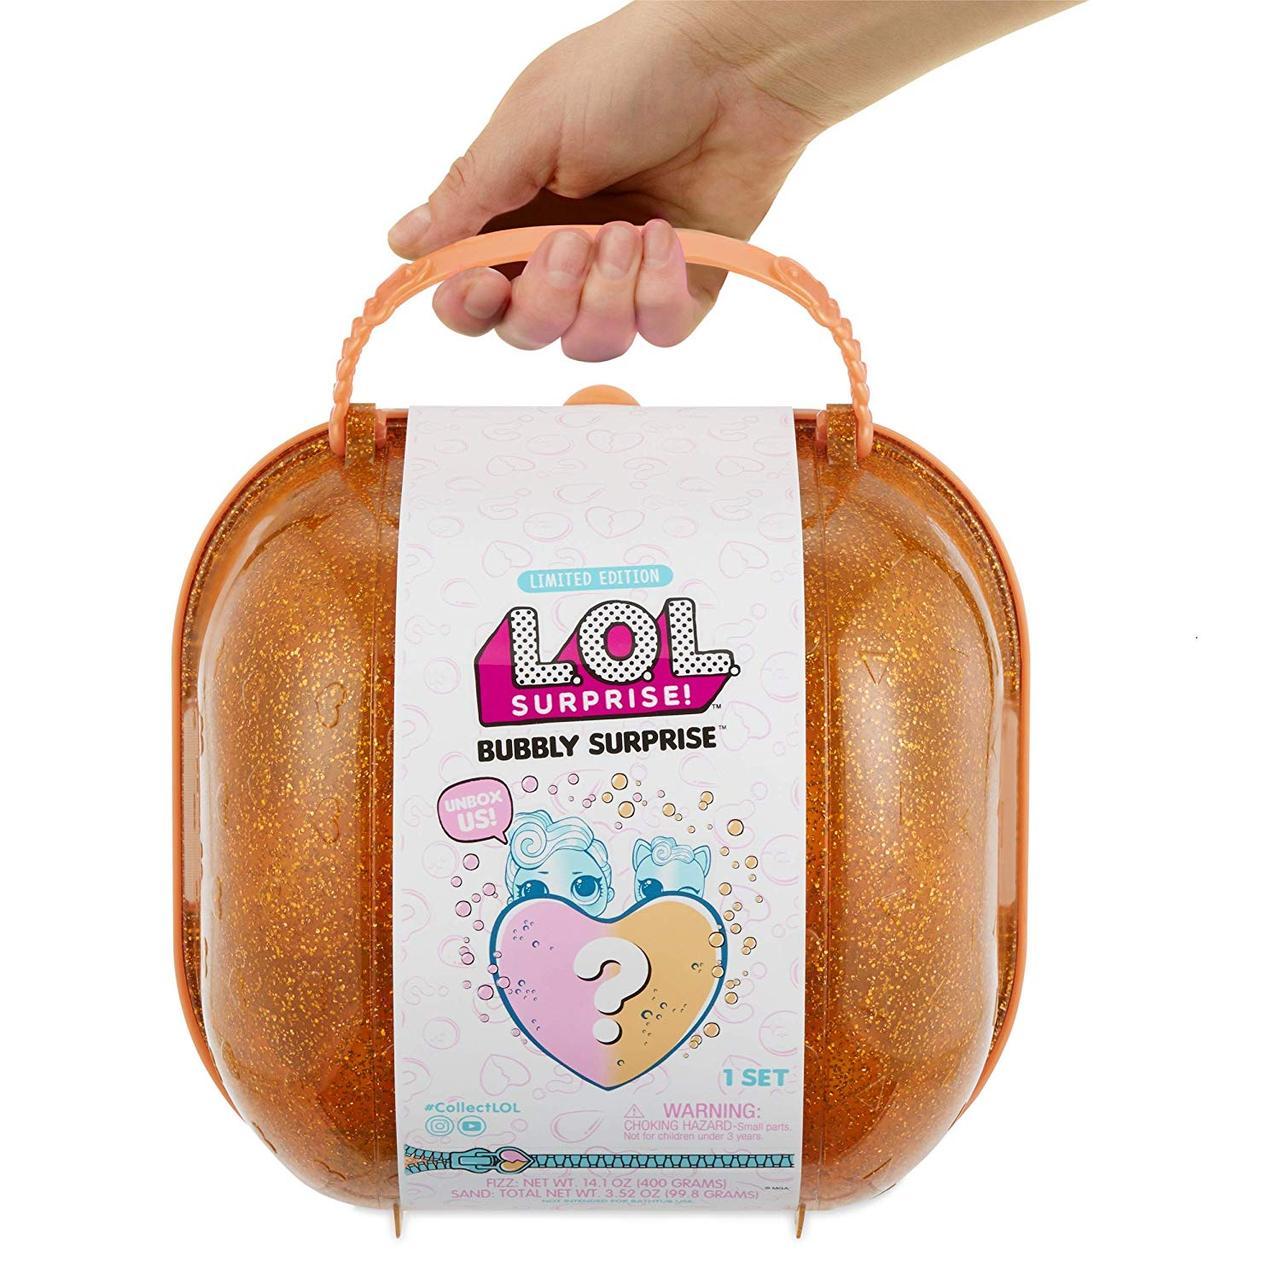 Лялька і вихованець Лол помаранчевий шипучий Валізу кейс сюрпризів L. O. L. Bubbly Surprise Orange lol оригінал MGA